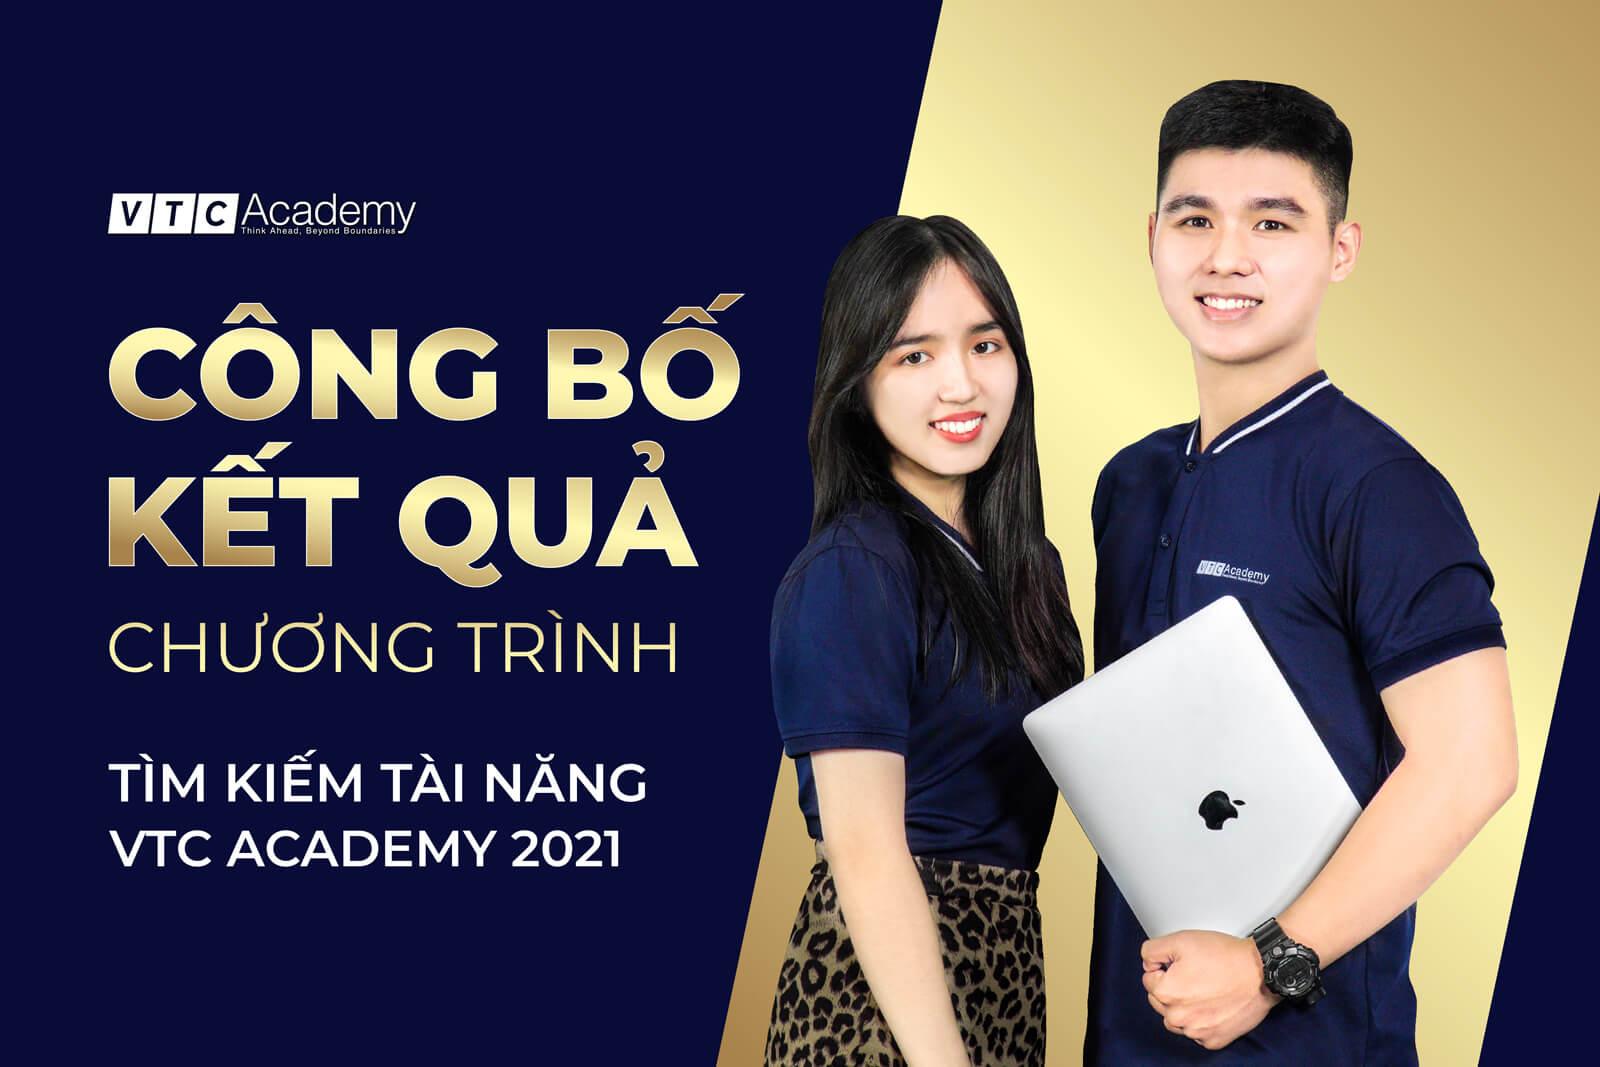 VTC Academy công bố danh sách học viên xuất sắc nhận được Học bổng Tài năng năm 2021